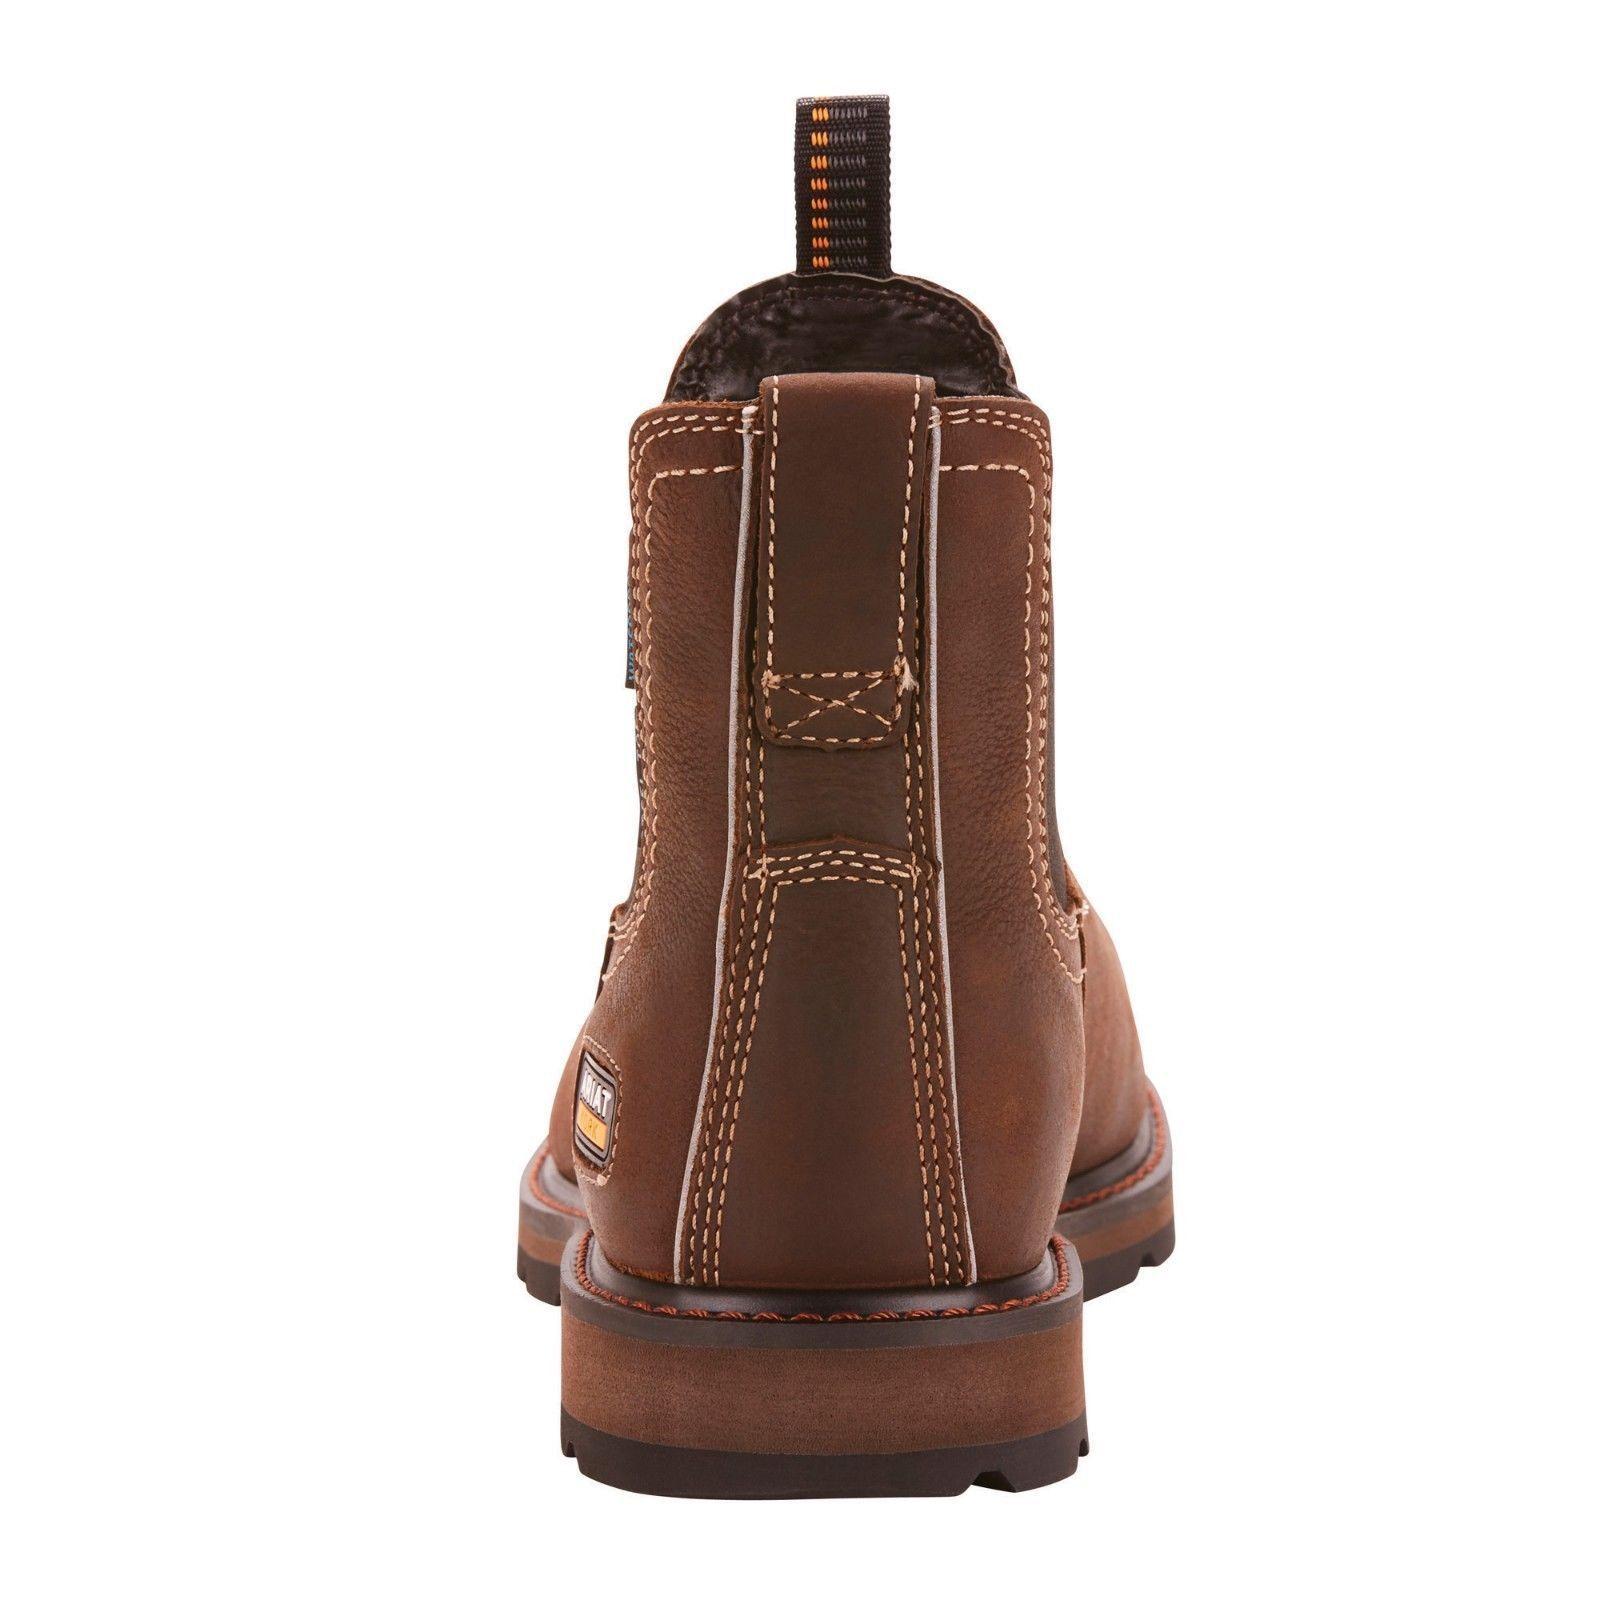 Ariat® Men's Groundbreaker Chelsea H20 Steel Toe Brown Boots 10024983 1